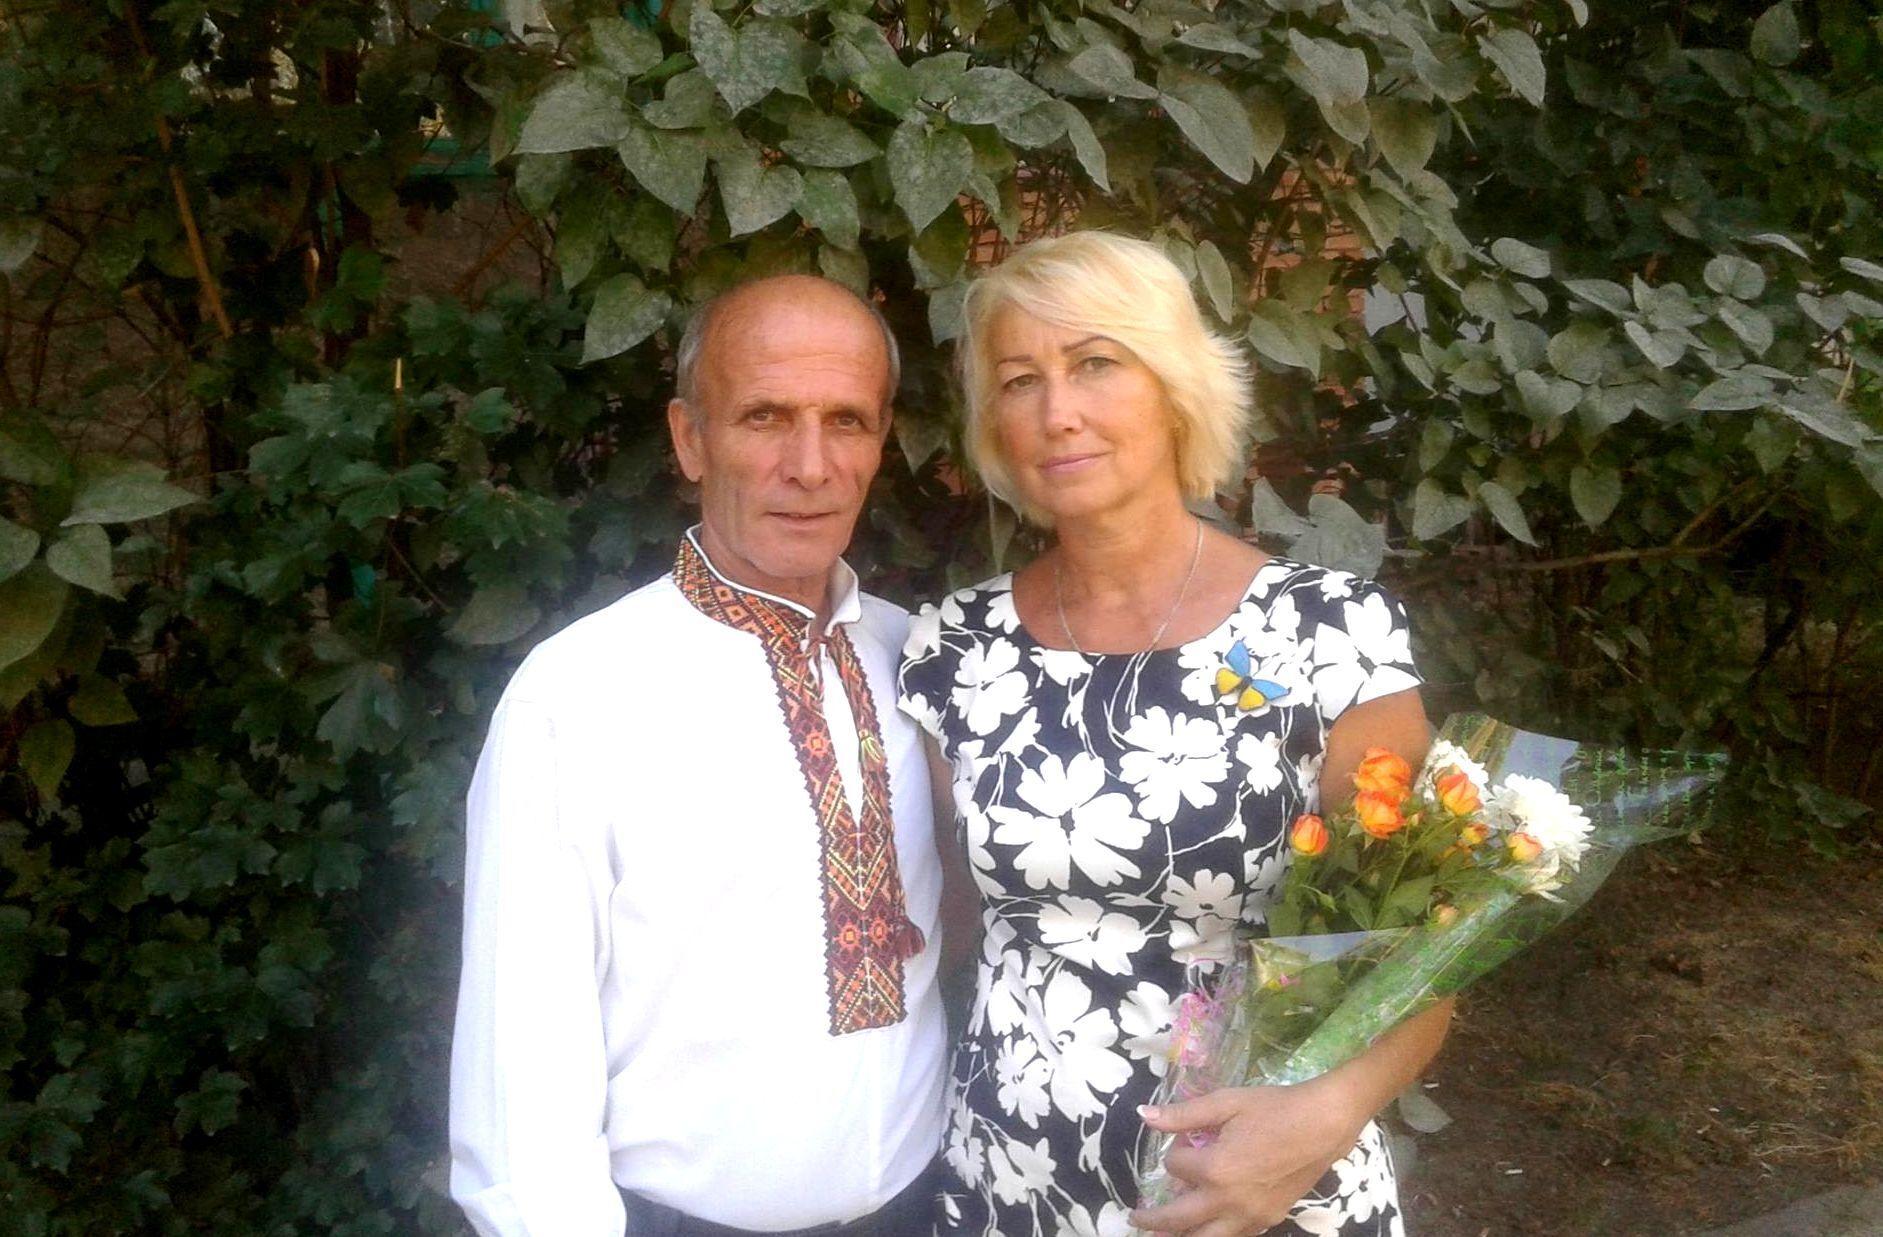 Іван Маслиган зі своєю половинкою.